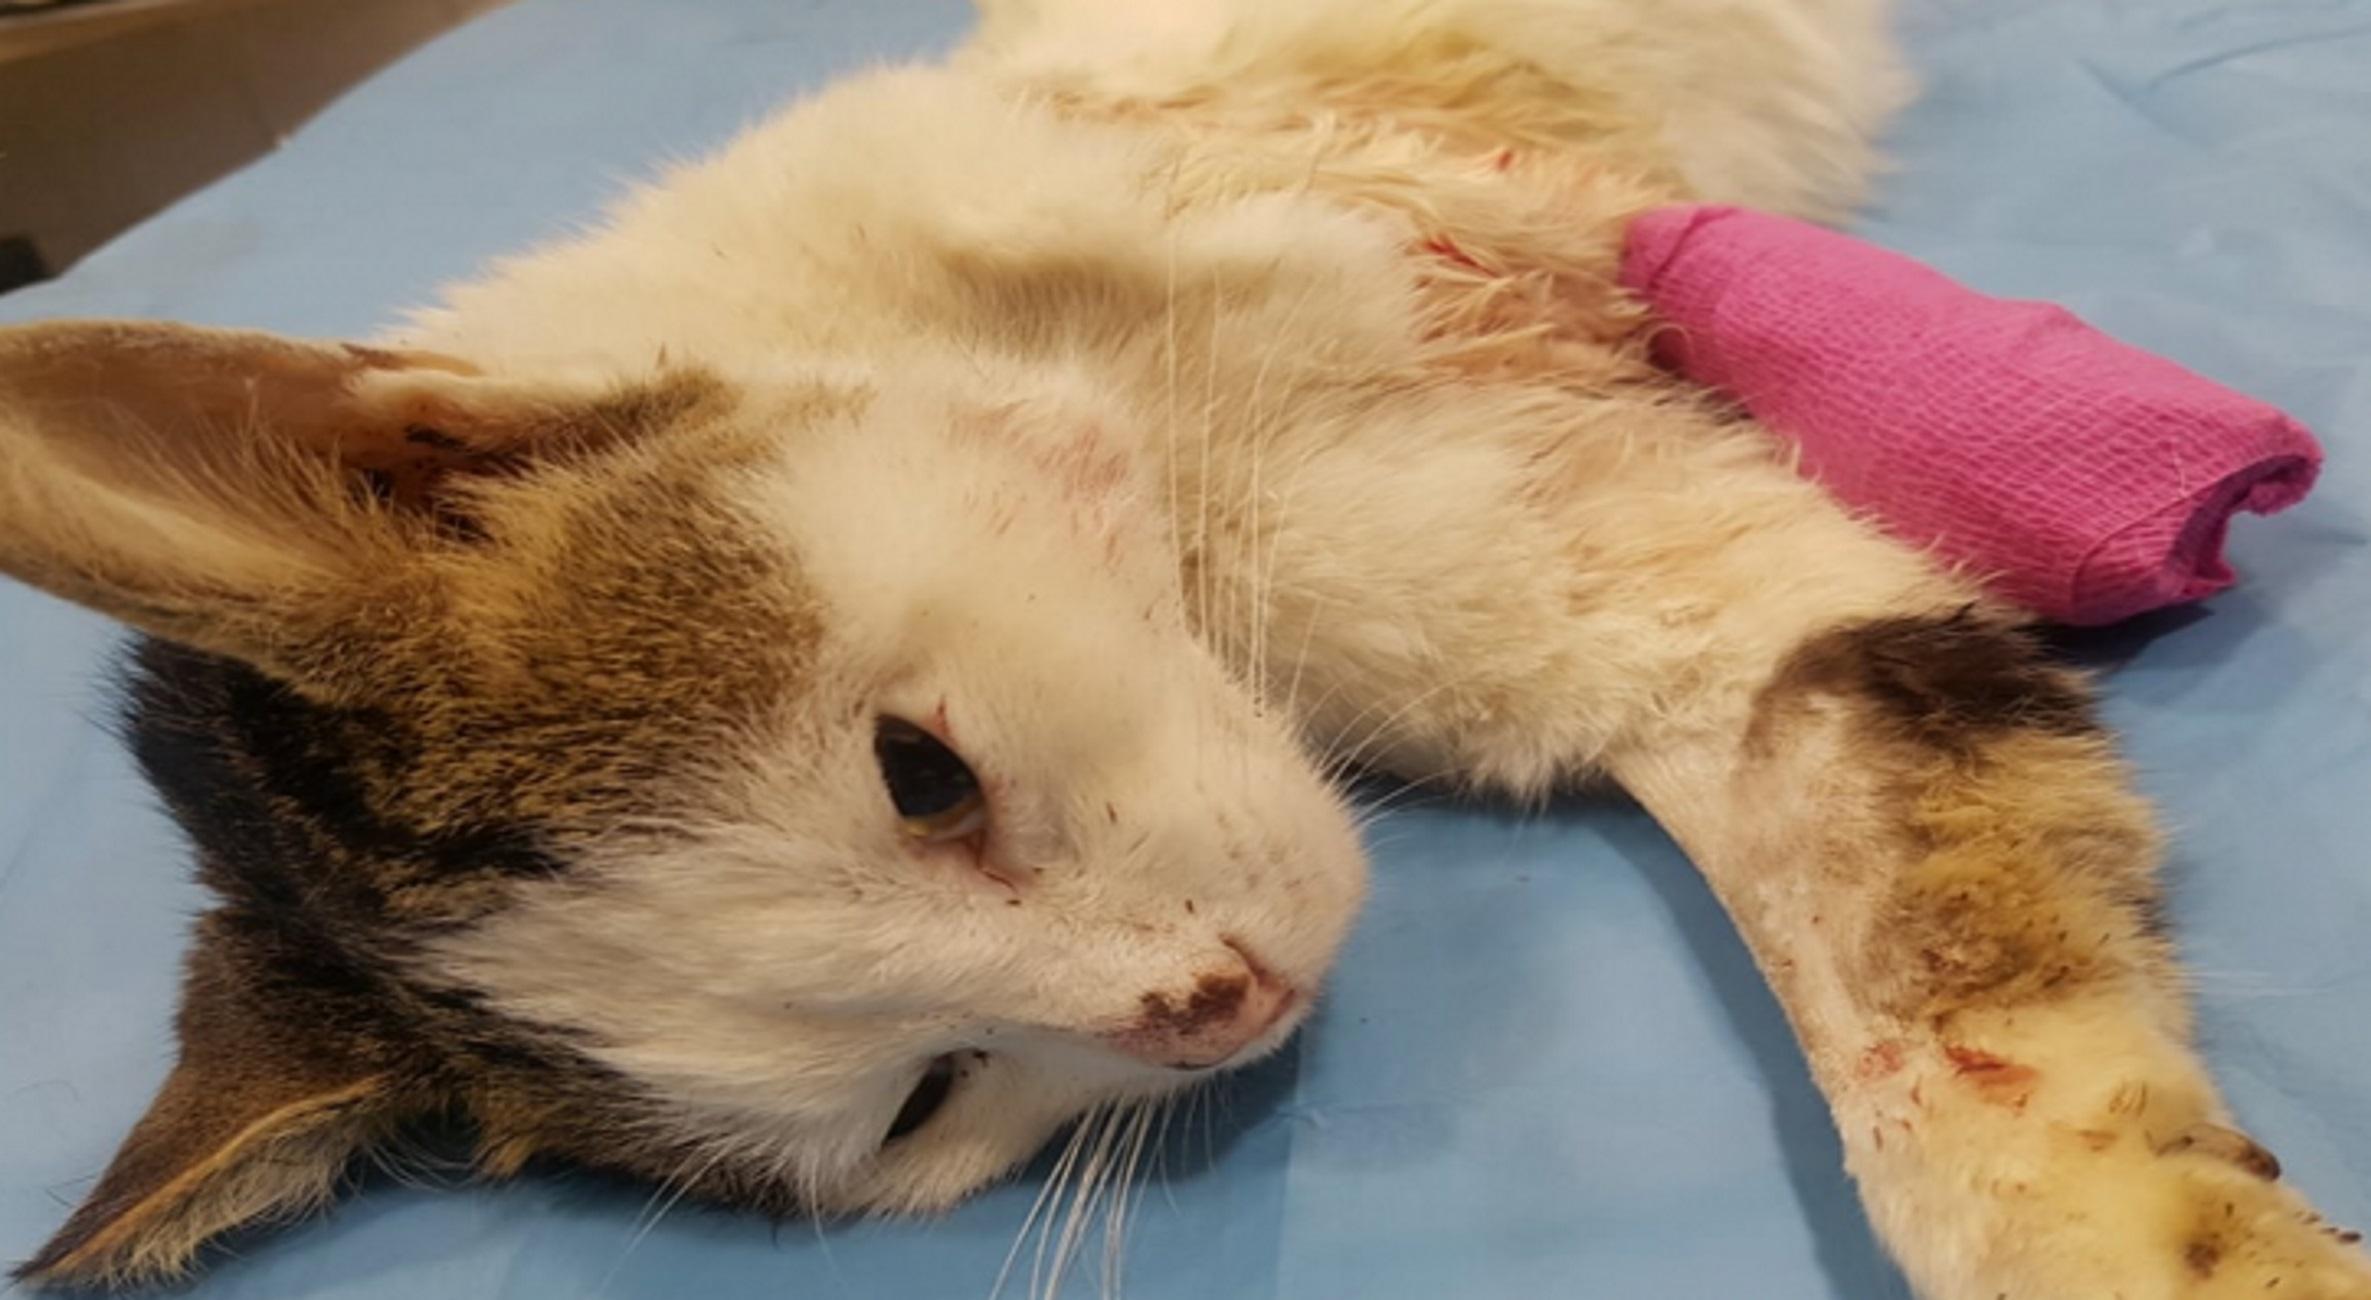 Λαμία: Περπατάει ξανά ο γάτος της αδιανόητης κτηνωδίας – Ο Περσέας τα κατάφερε με πρόσθετα μέλη